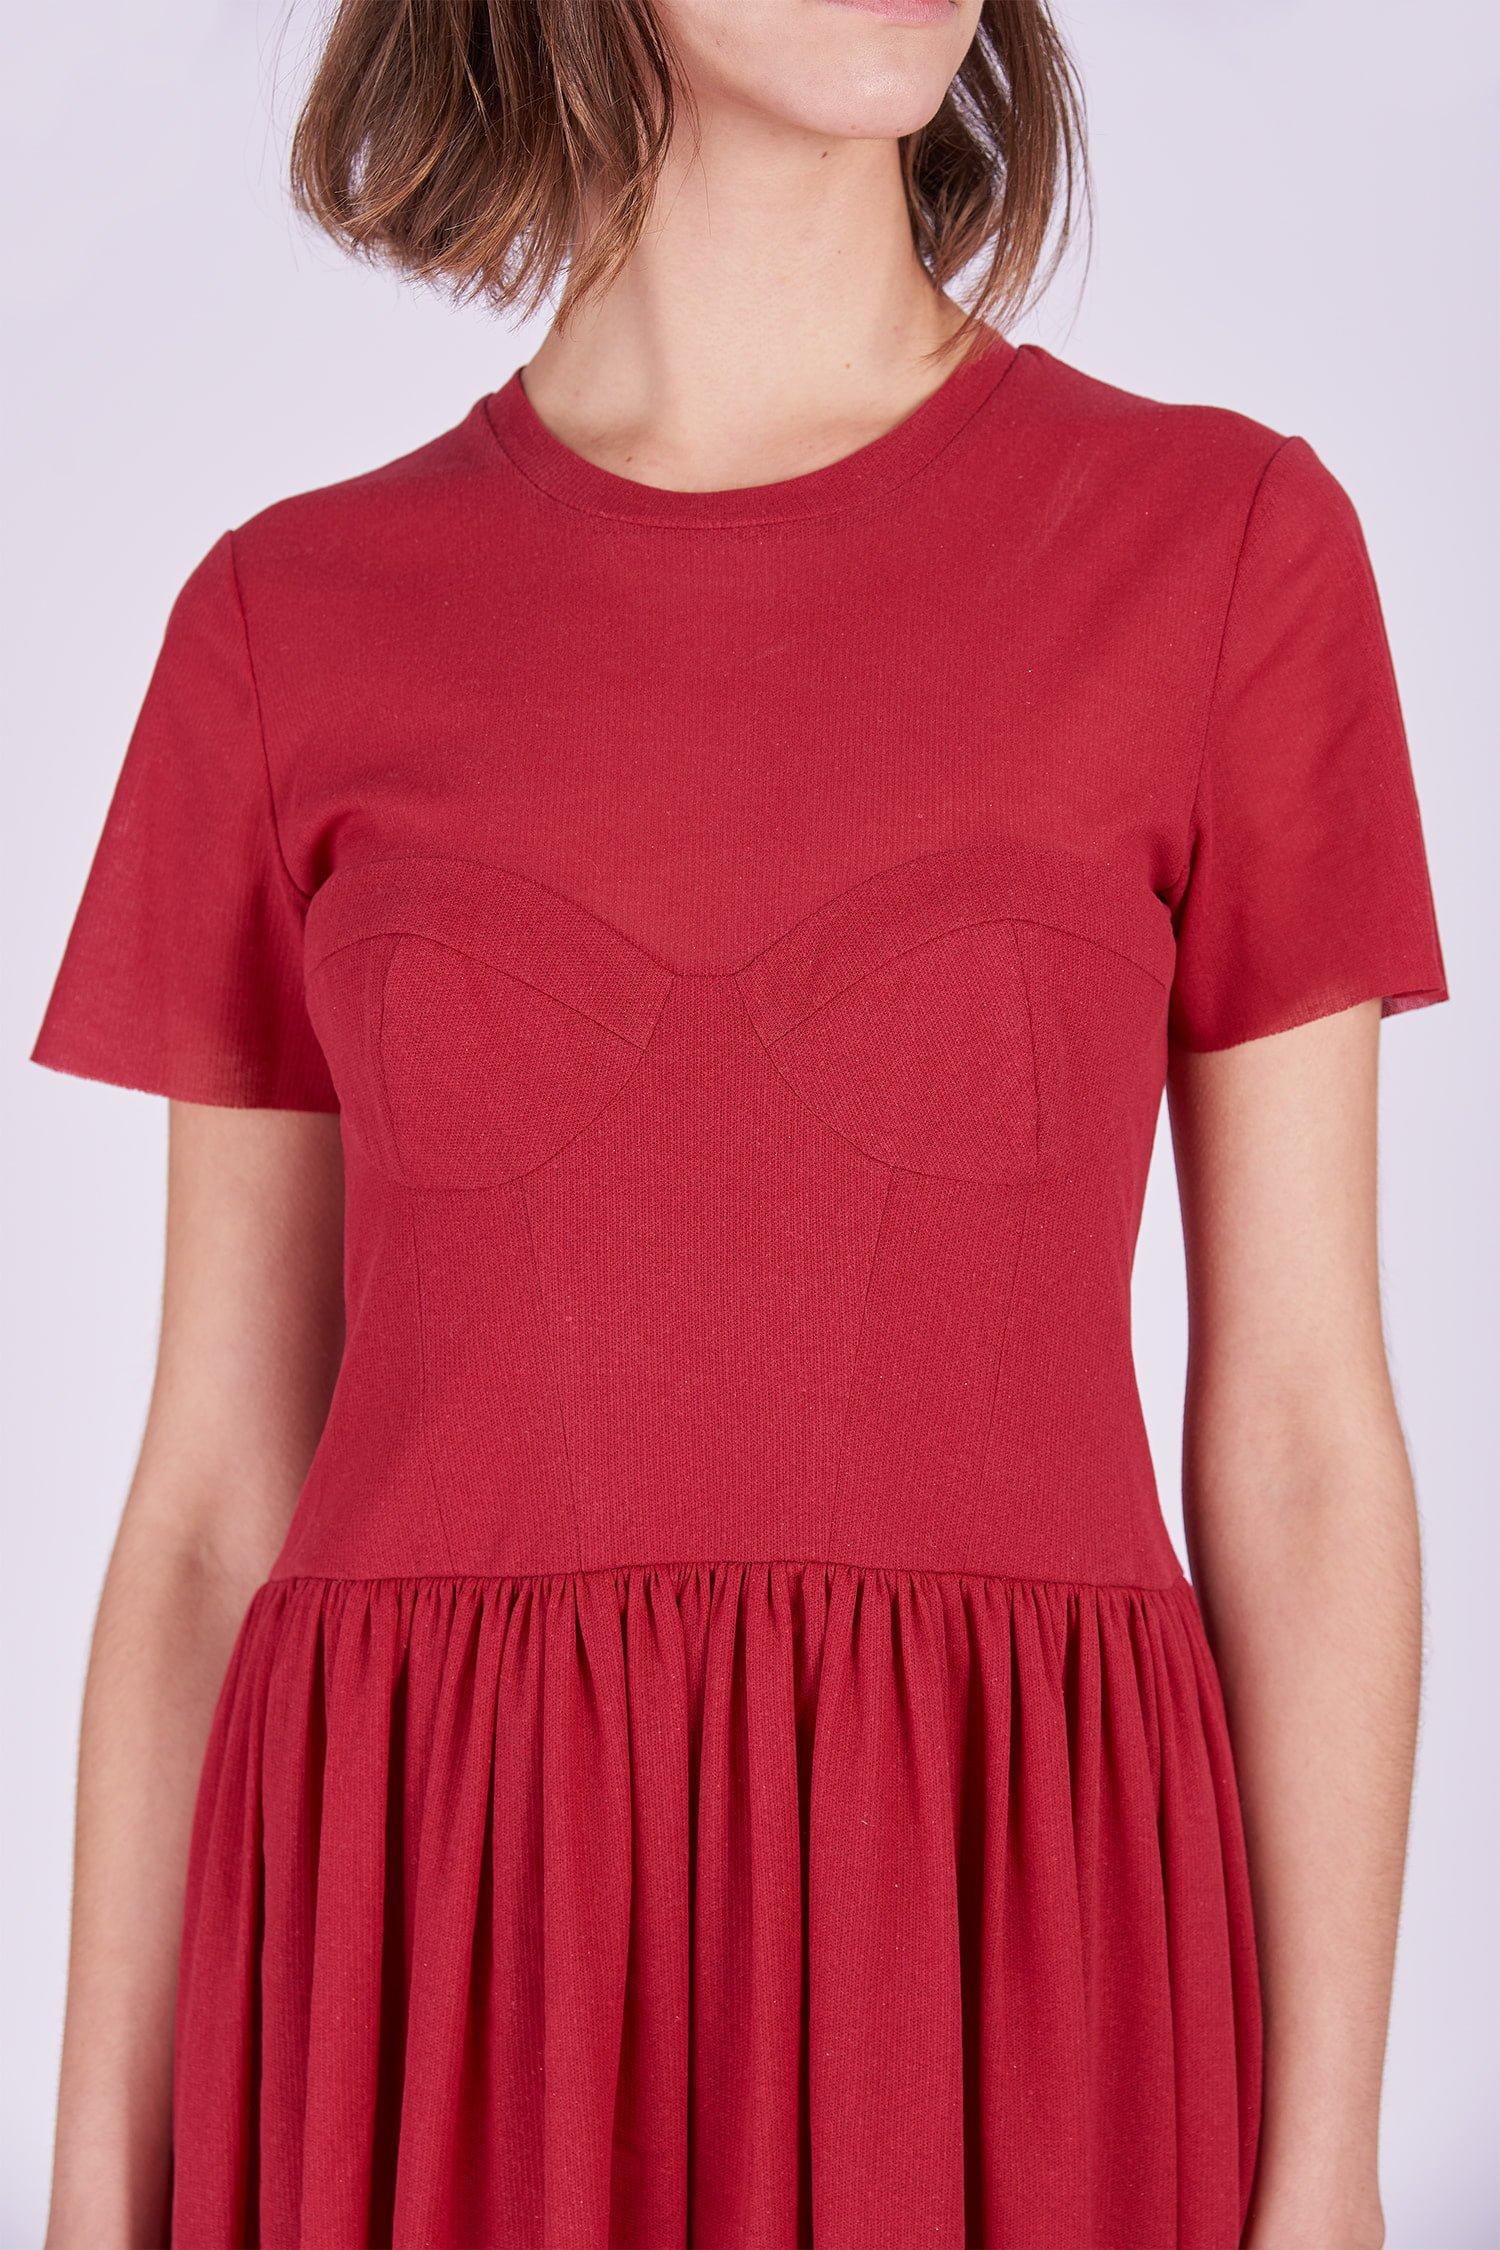 Acephala Ps2020 Red Midi Date Dress Czerwona Sukienka Wieczorowa Randka Detail 2